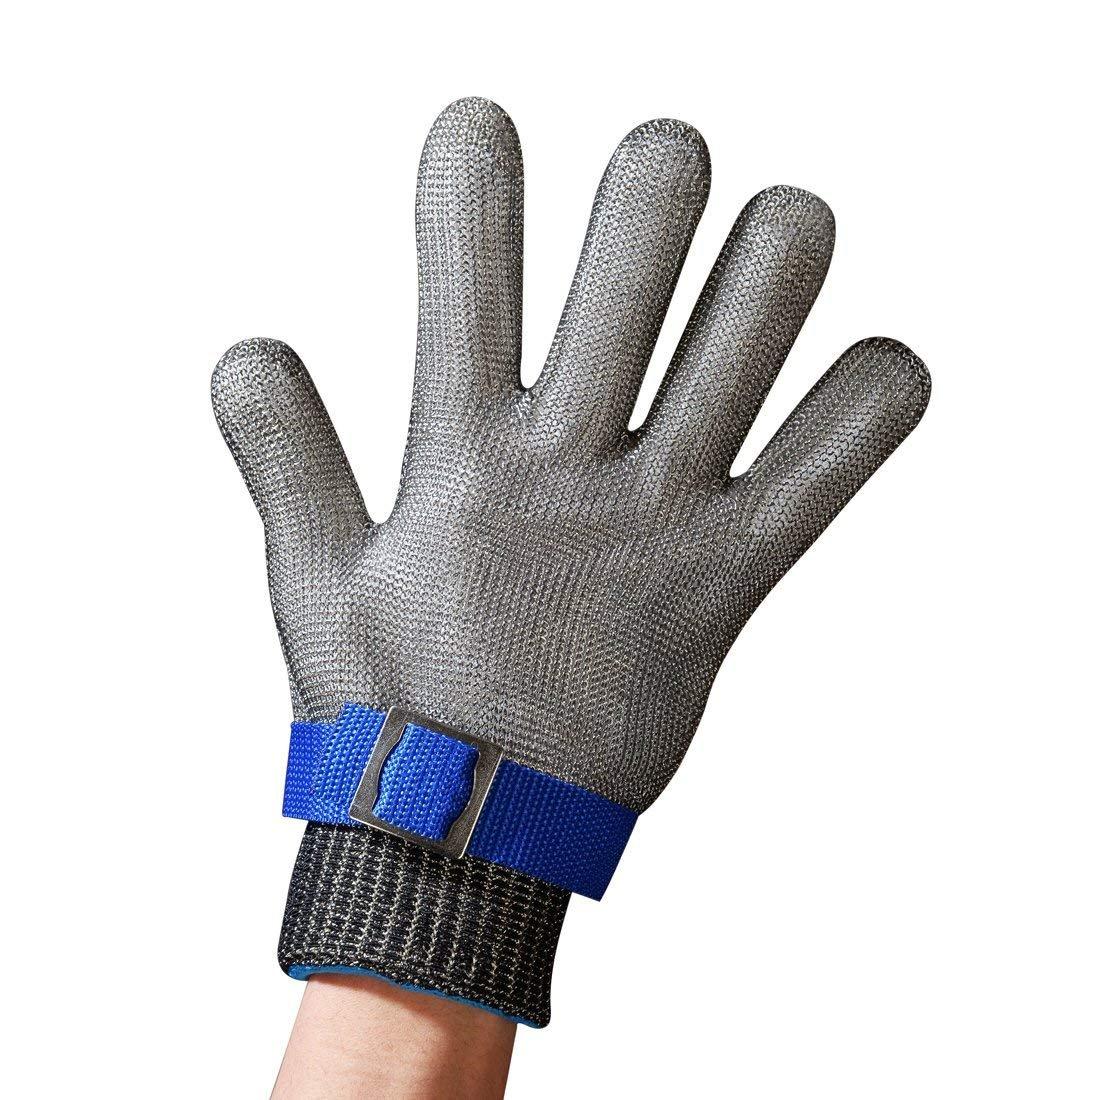 WOVELOT Azul Guante De Carnicero De Malla De Acero Inoxidable Resistente A Las Punaladas De Seguridad Proteccion Nivel 5 De Alto Rendimiento Tamano S